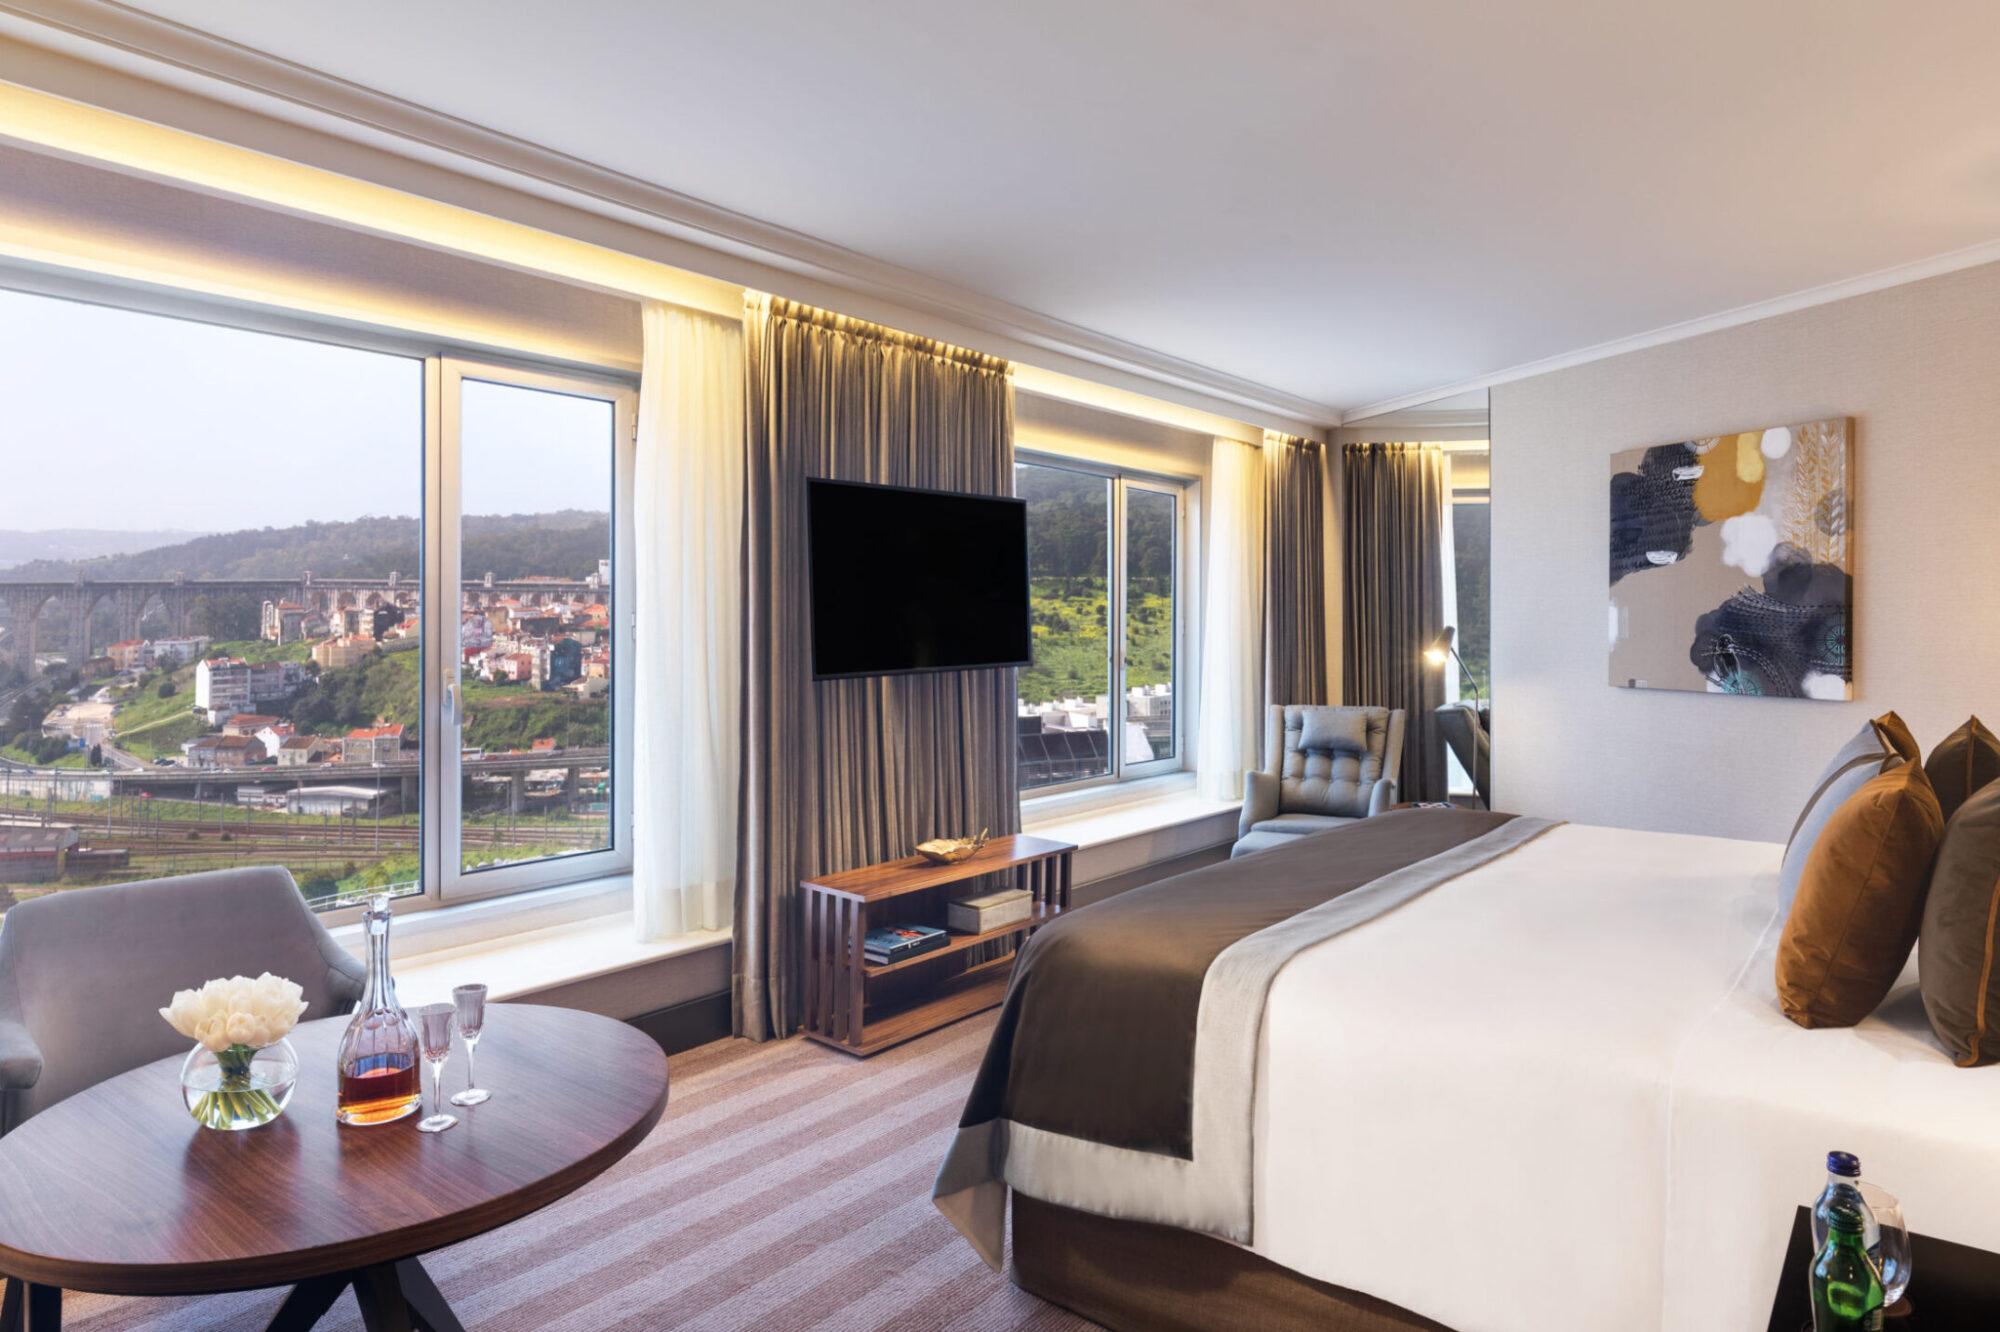 Corinthia Lisbon Deluxe Junior Suite Bedroom View